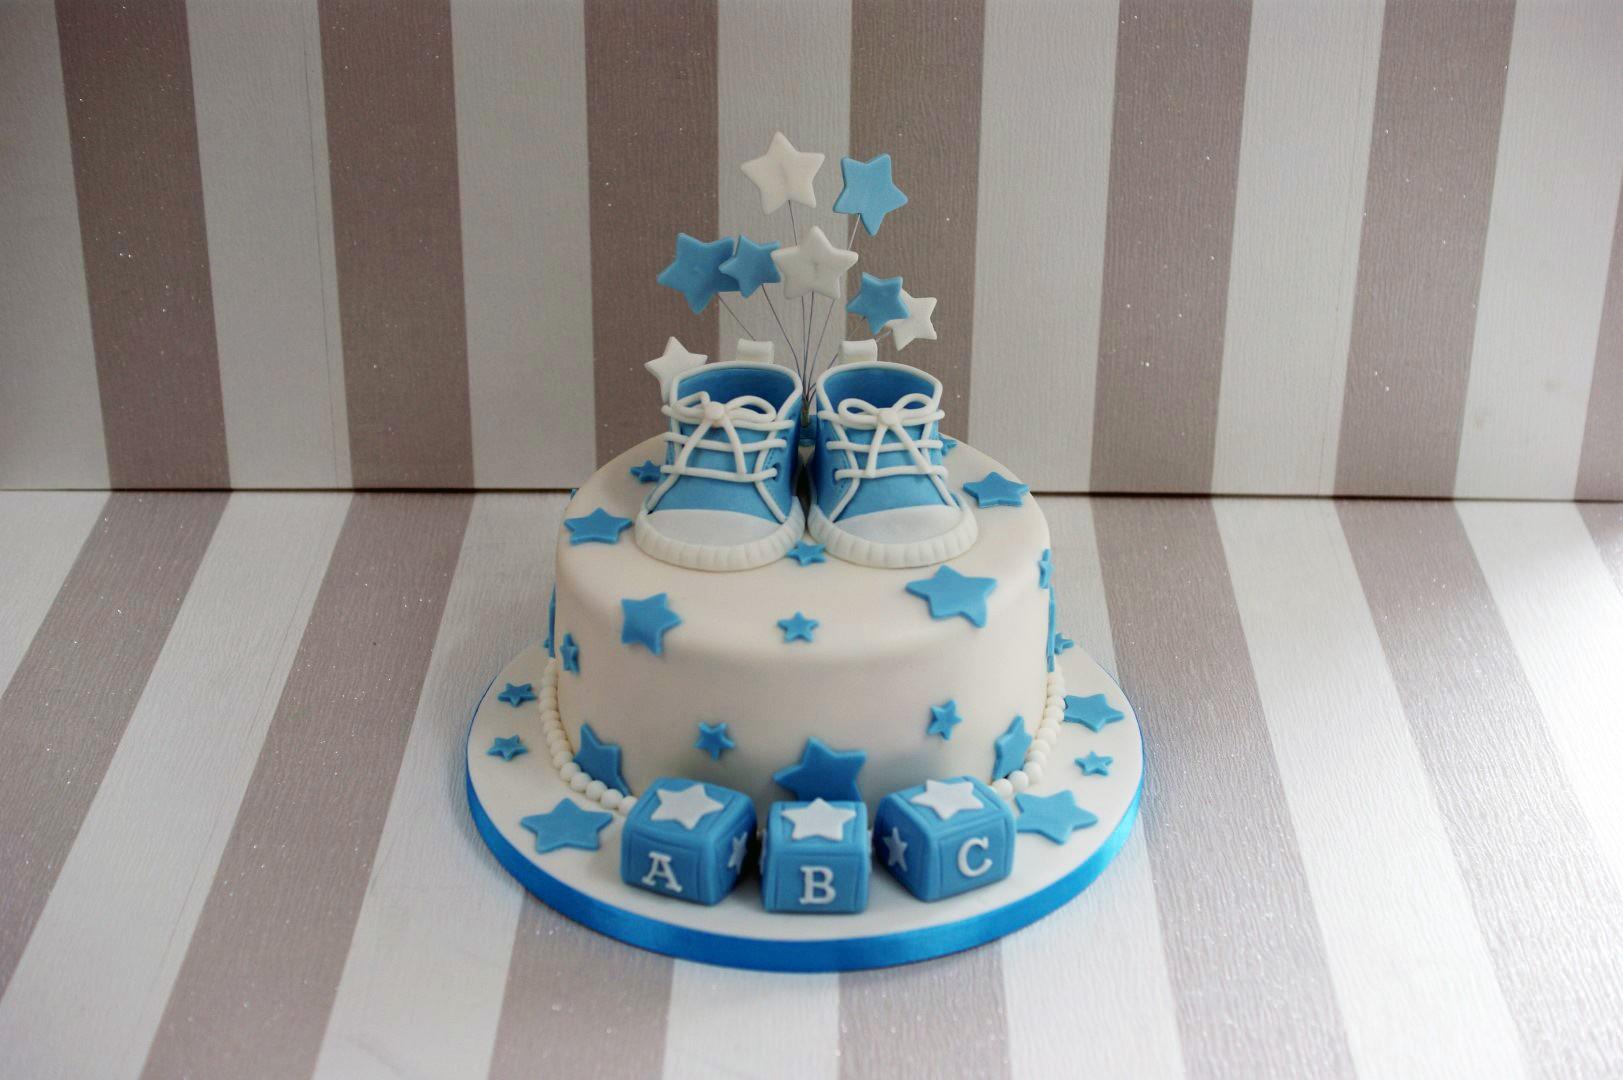 Baby Naming Cake Ideas